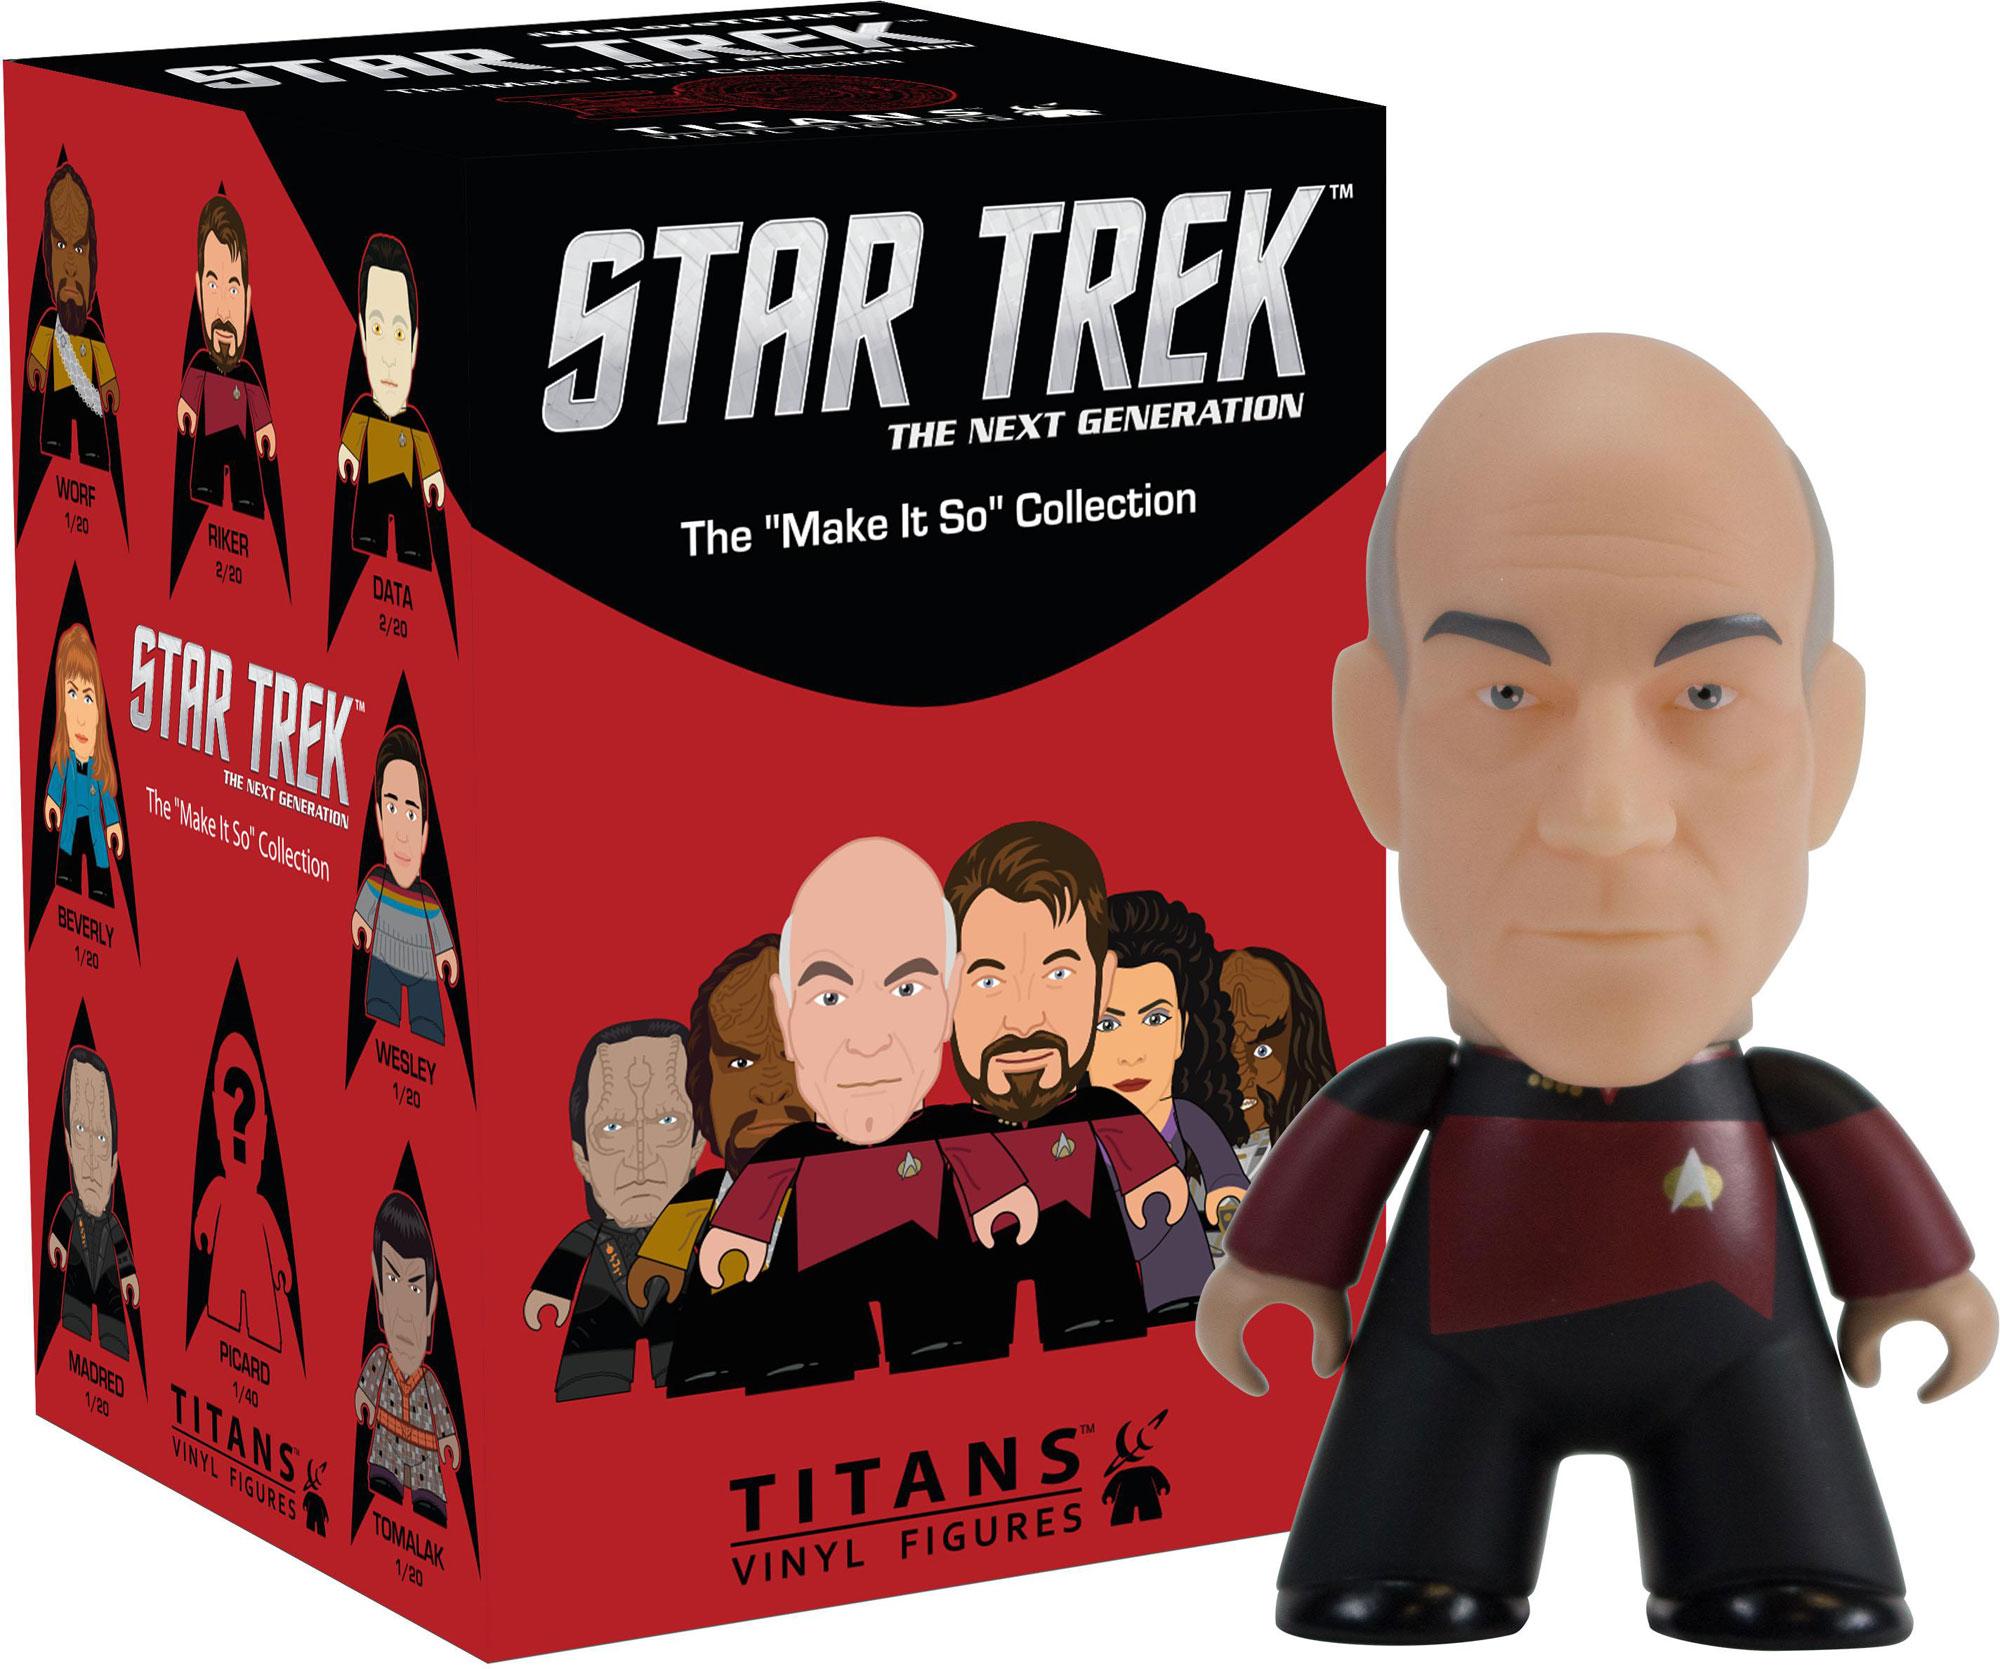 titan-star-trek-vinyl-figure-packaging